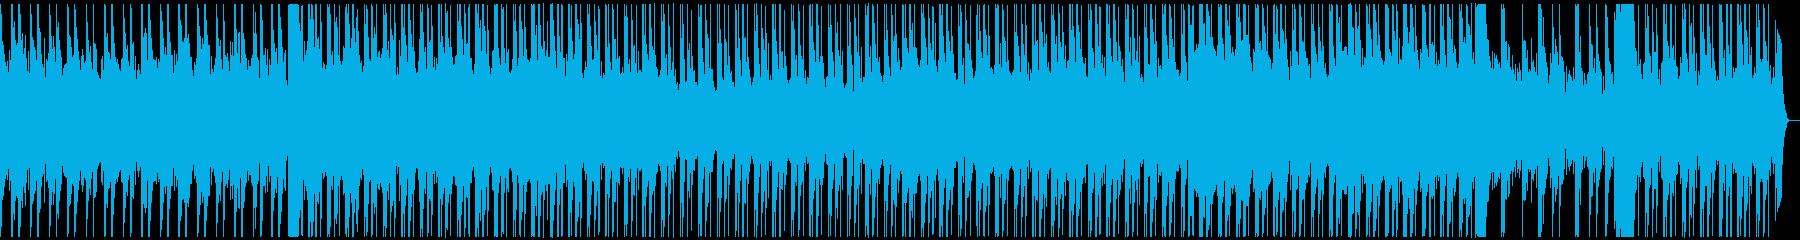 ラスボス感のあるBGMの再生済みの波形